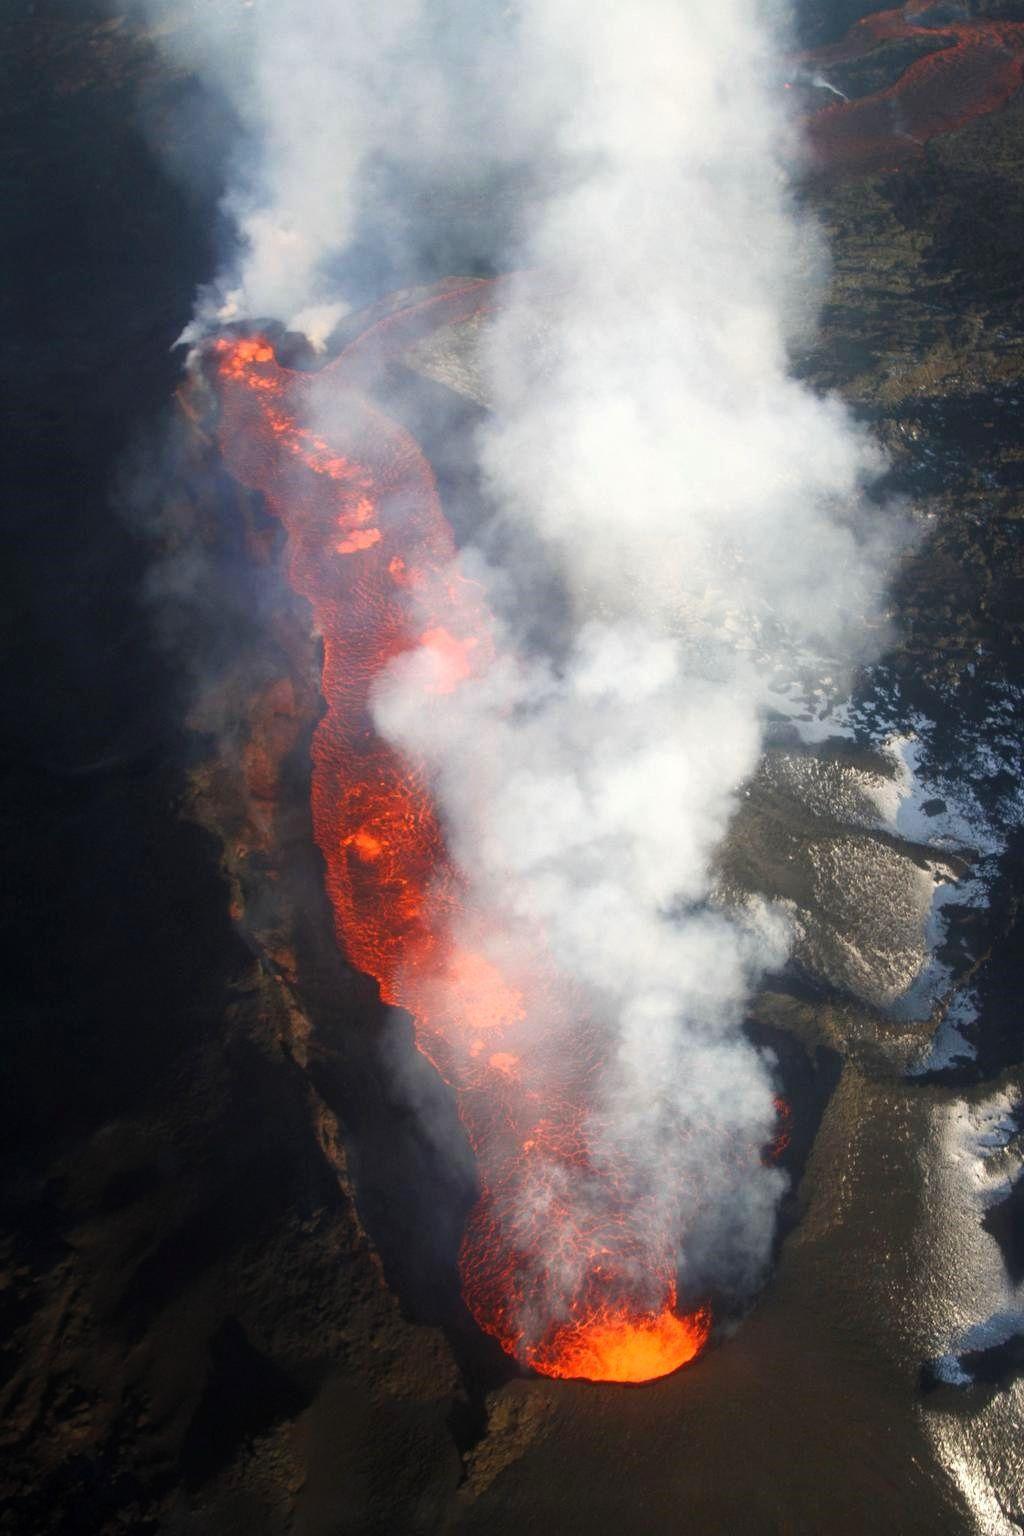 Holuhraun - Dégazage du lac de lave sur la fissure active 21.01.2015 - photo Dr. Anja Schmidt / Twitter